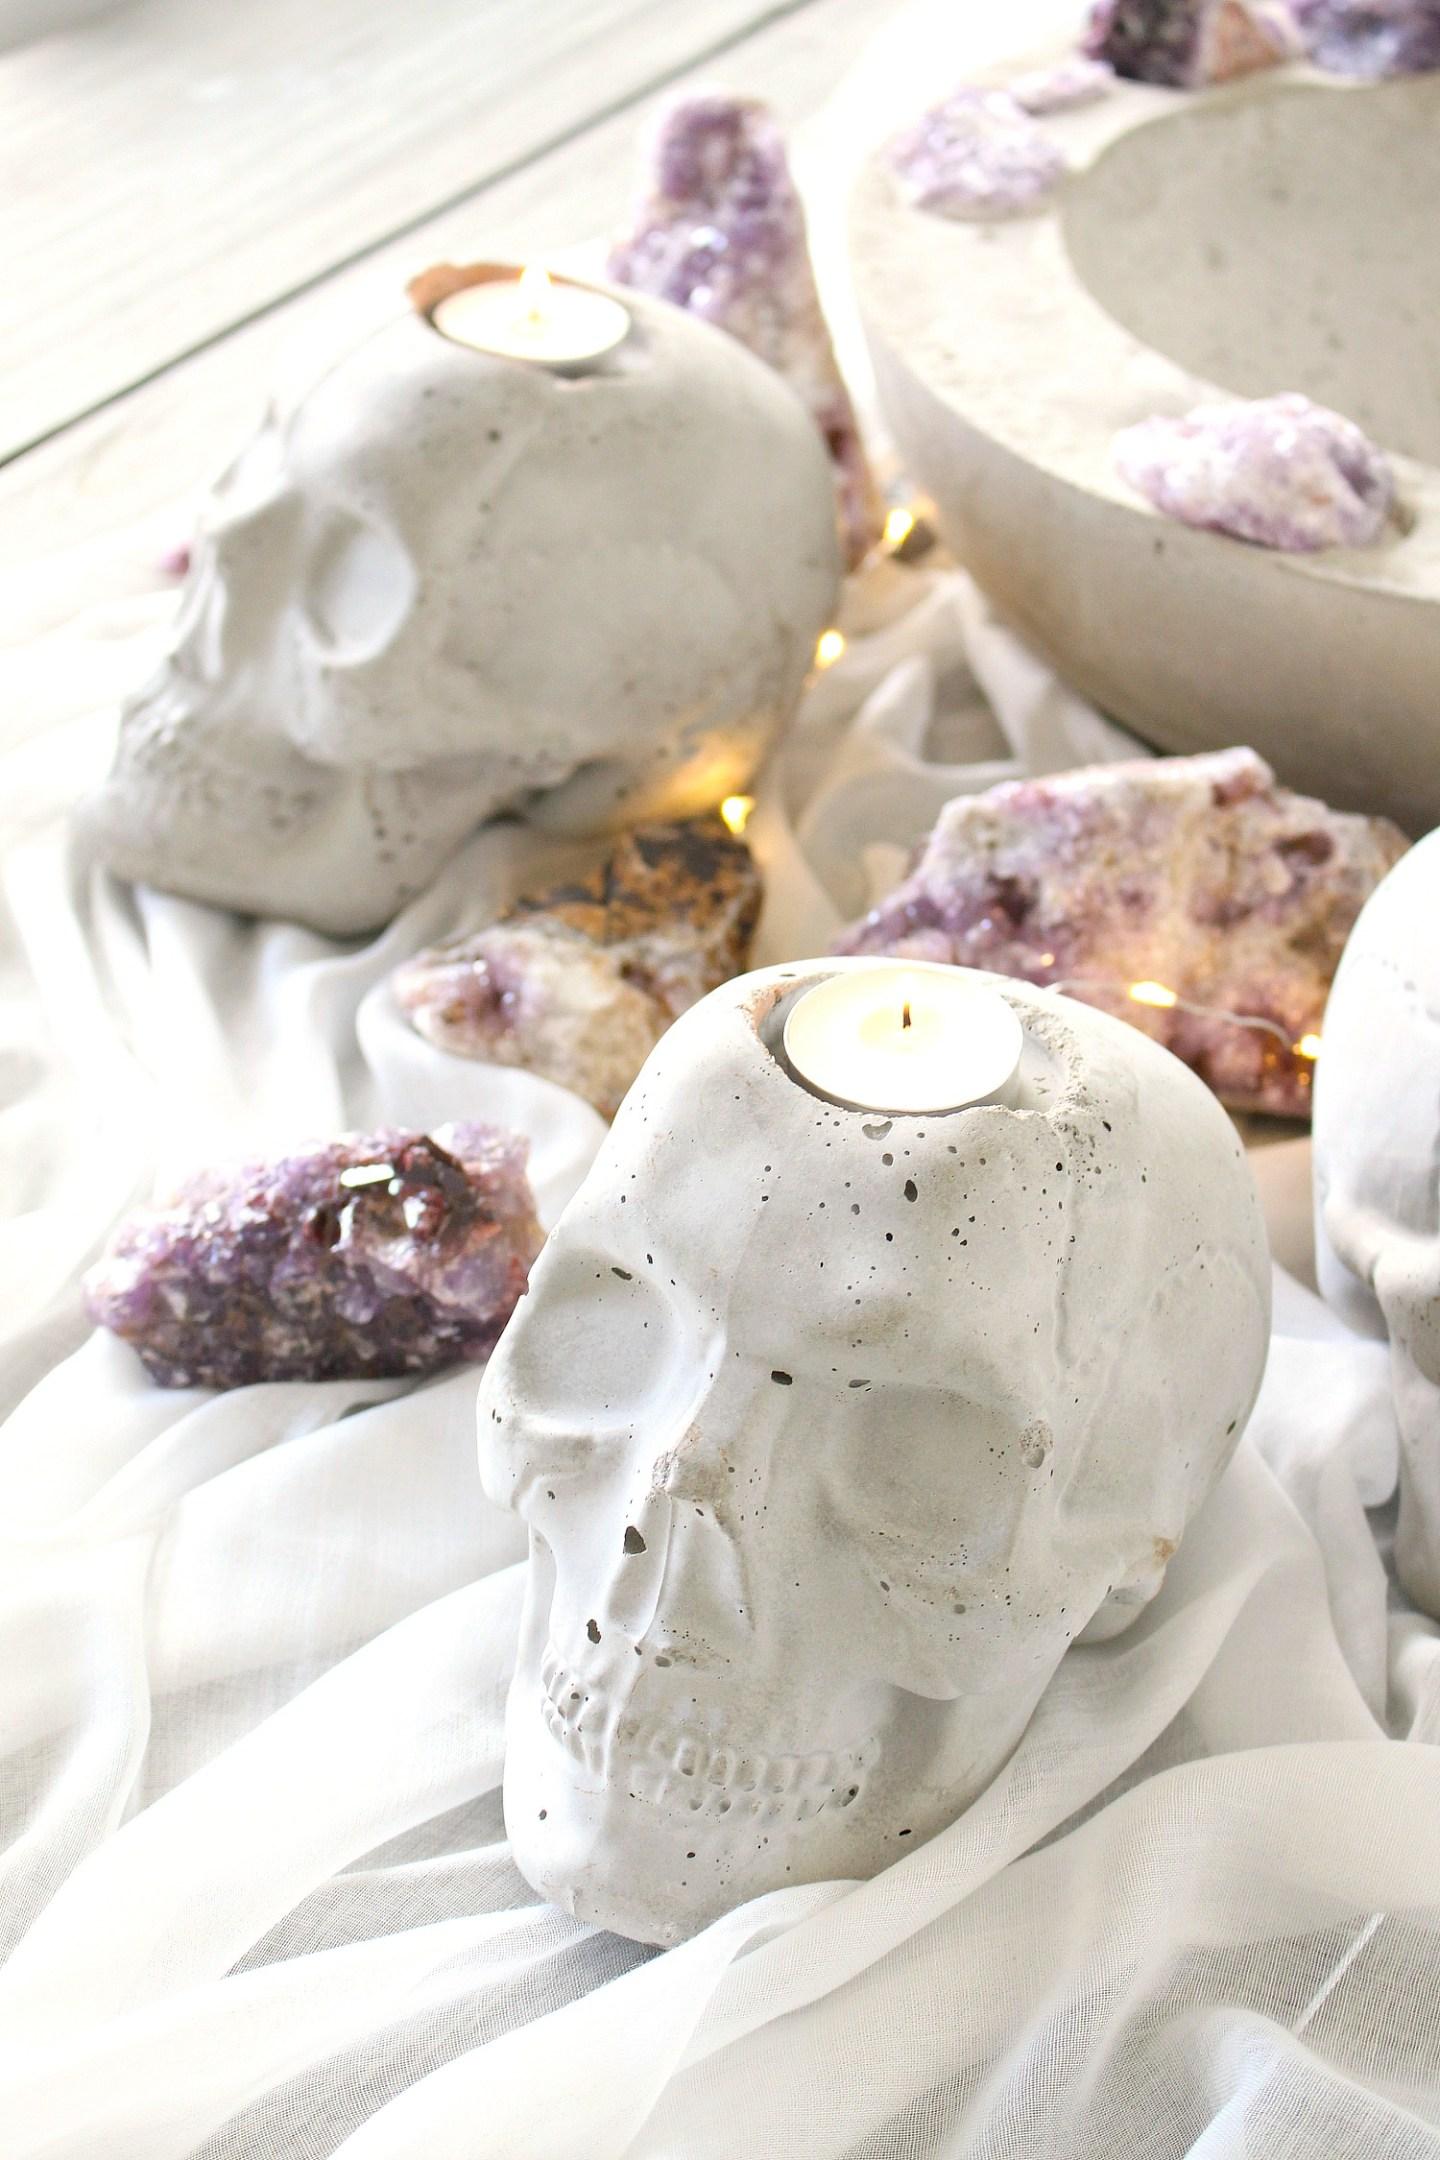 DIY Concrete Skull Candle Holder